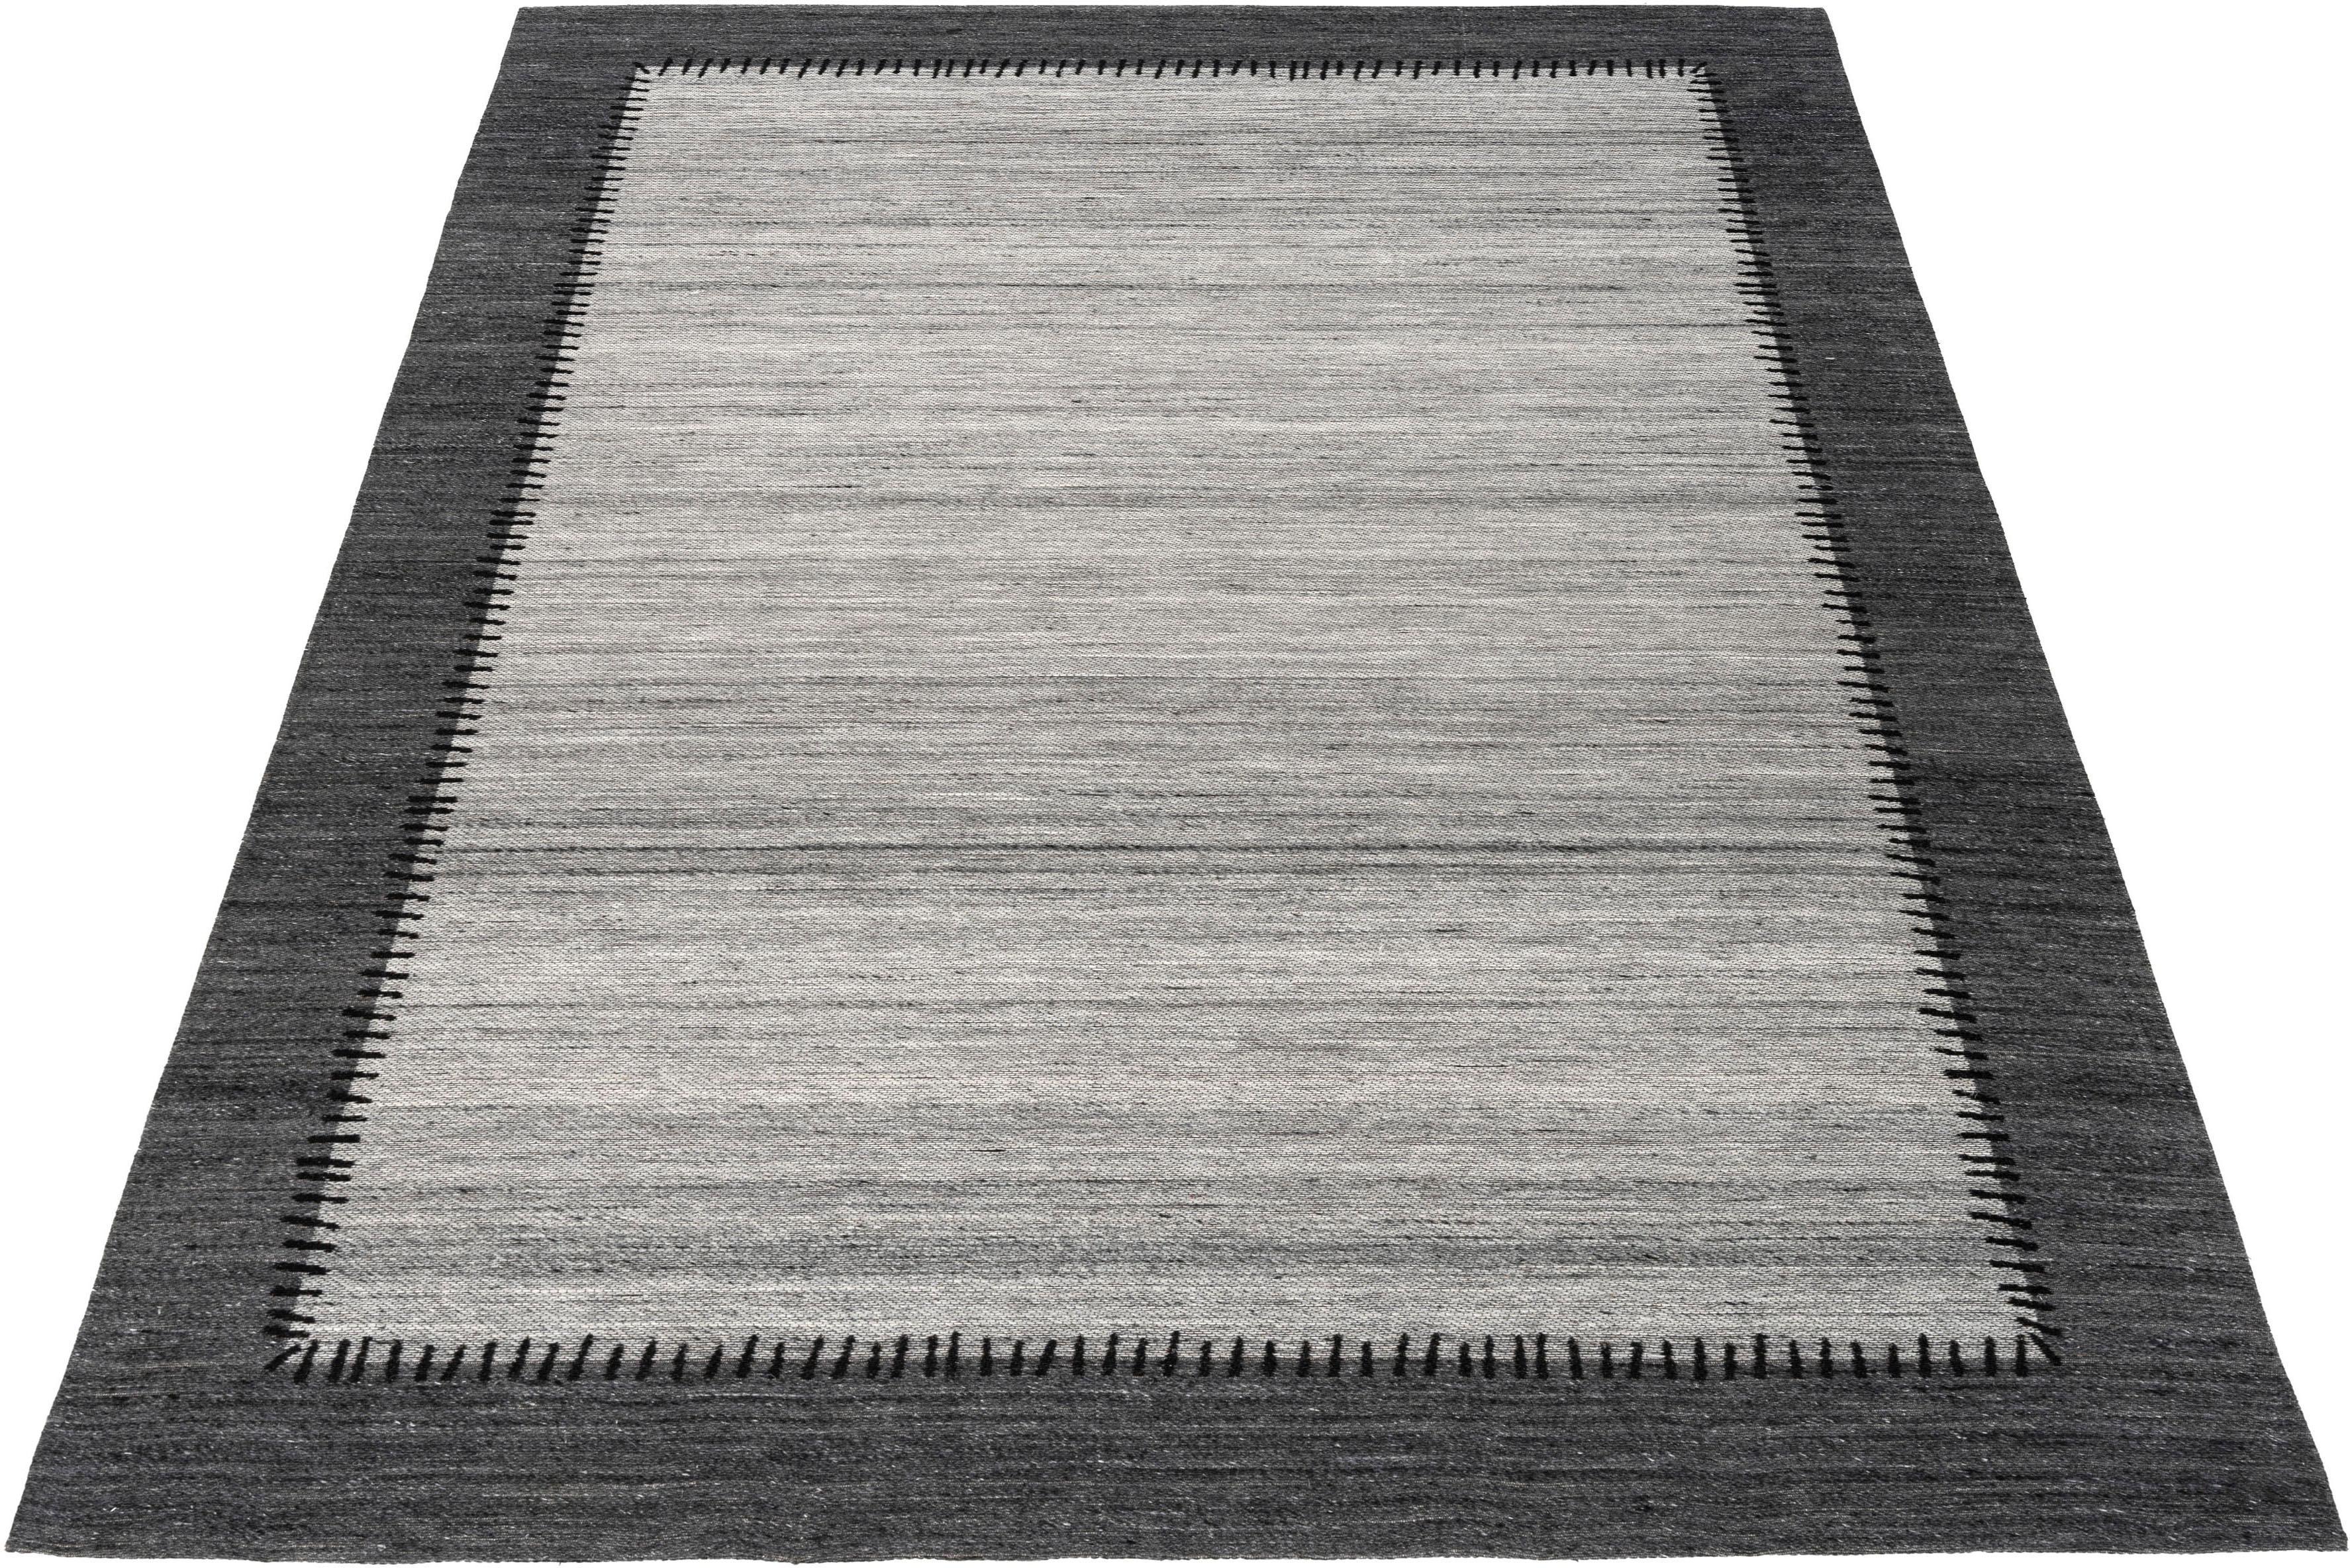 Teppich Amina DELAVITA rechteckig Höhe 6 mm maschinell gewebt